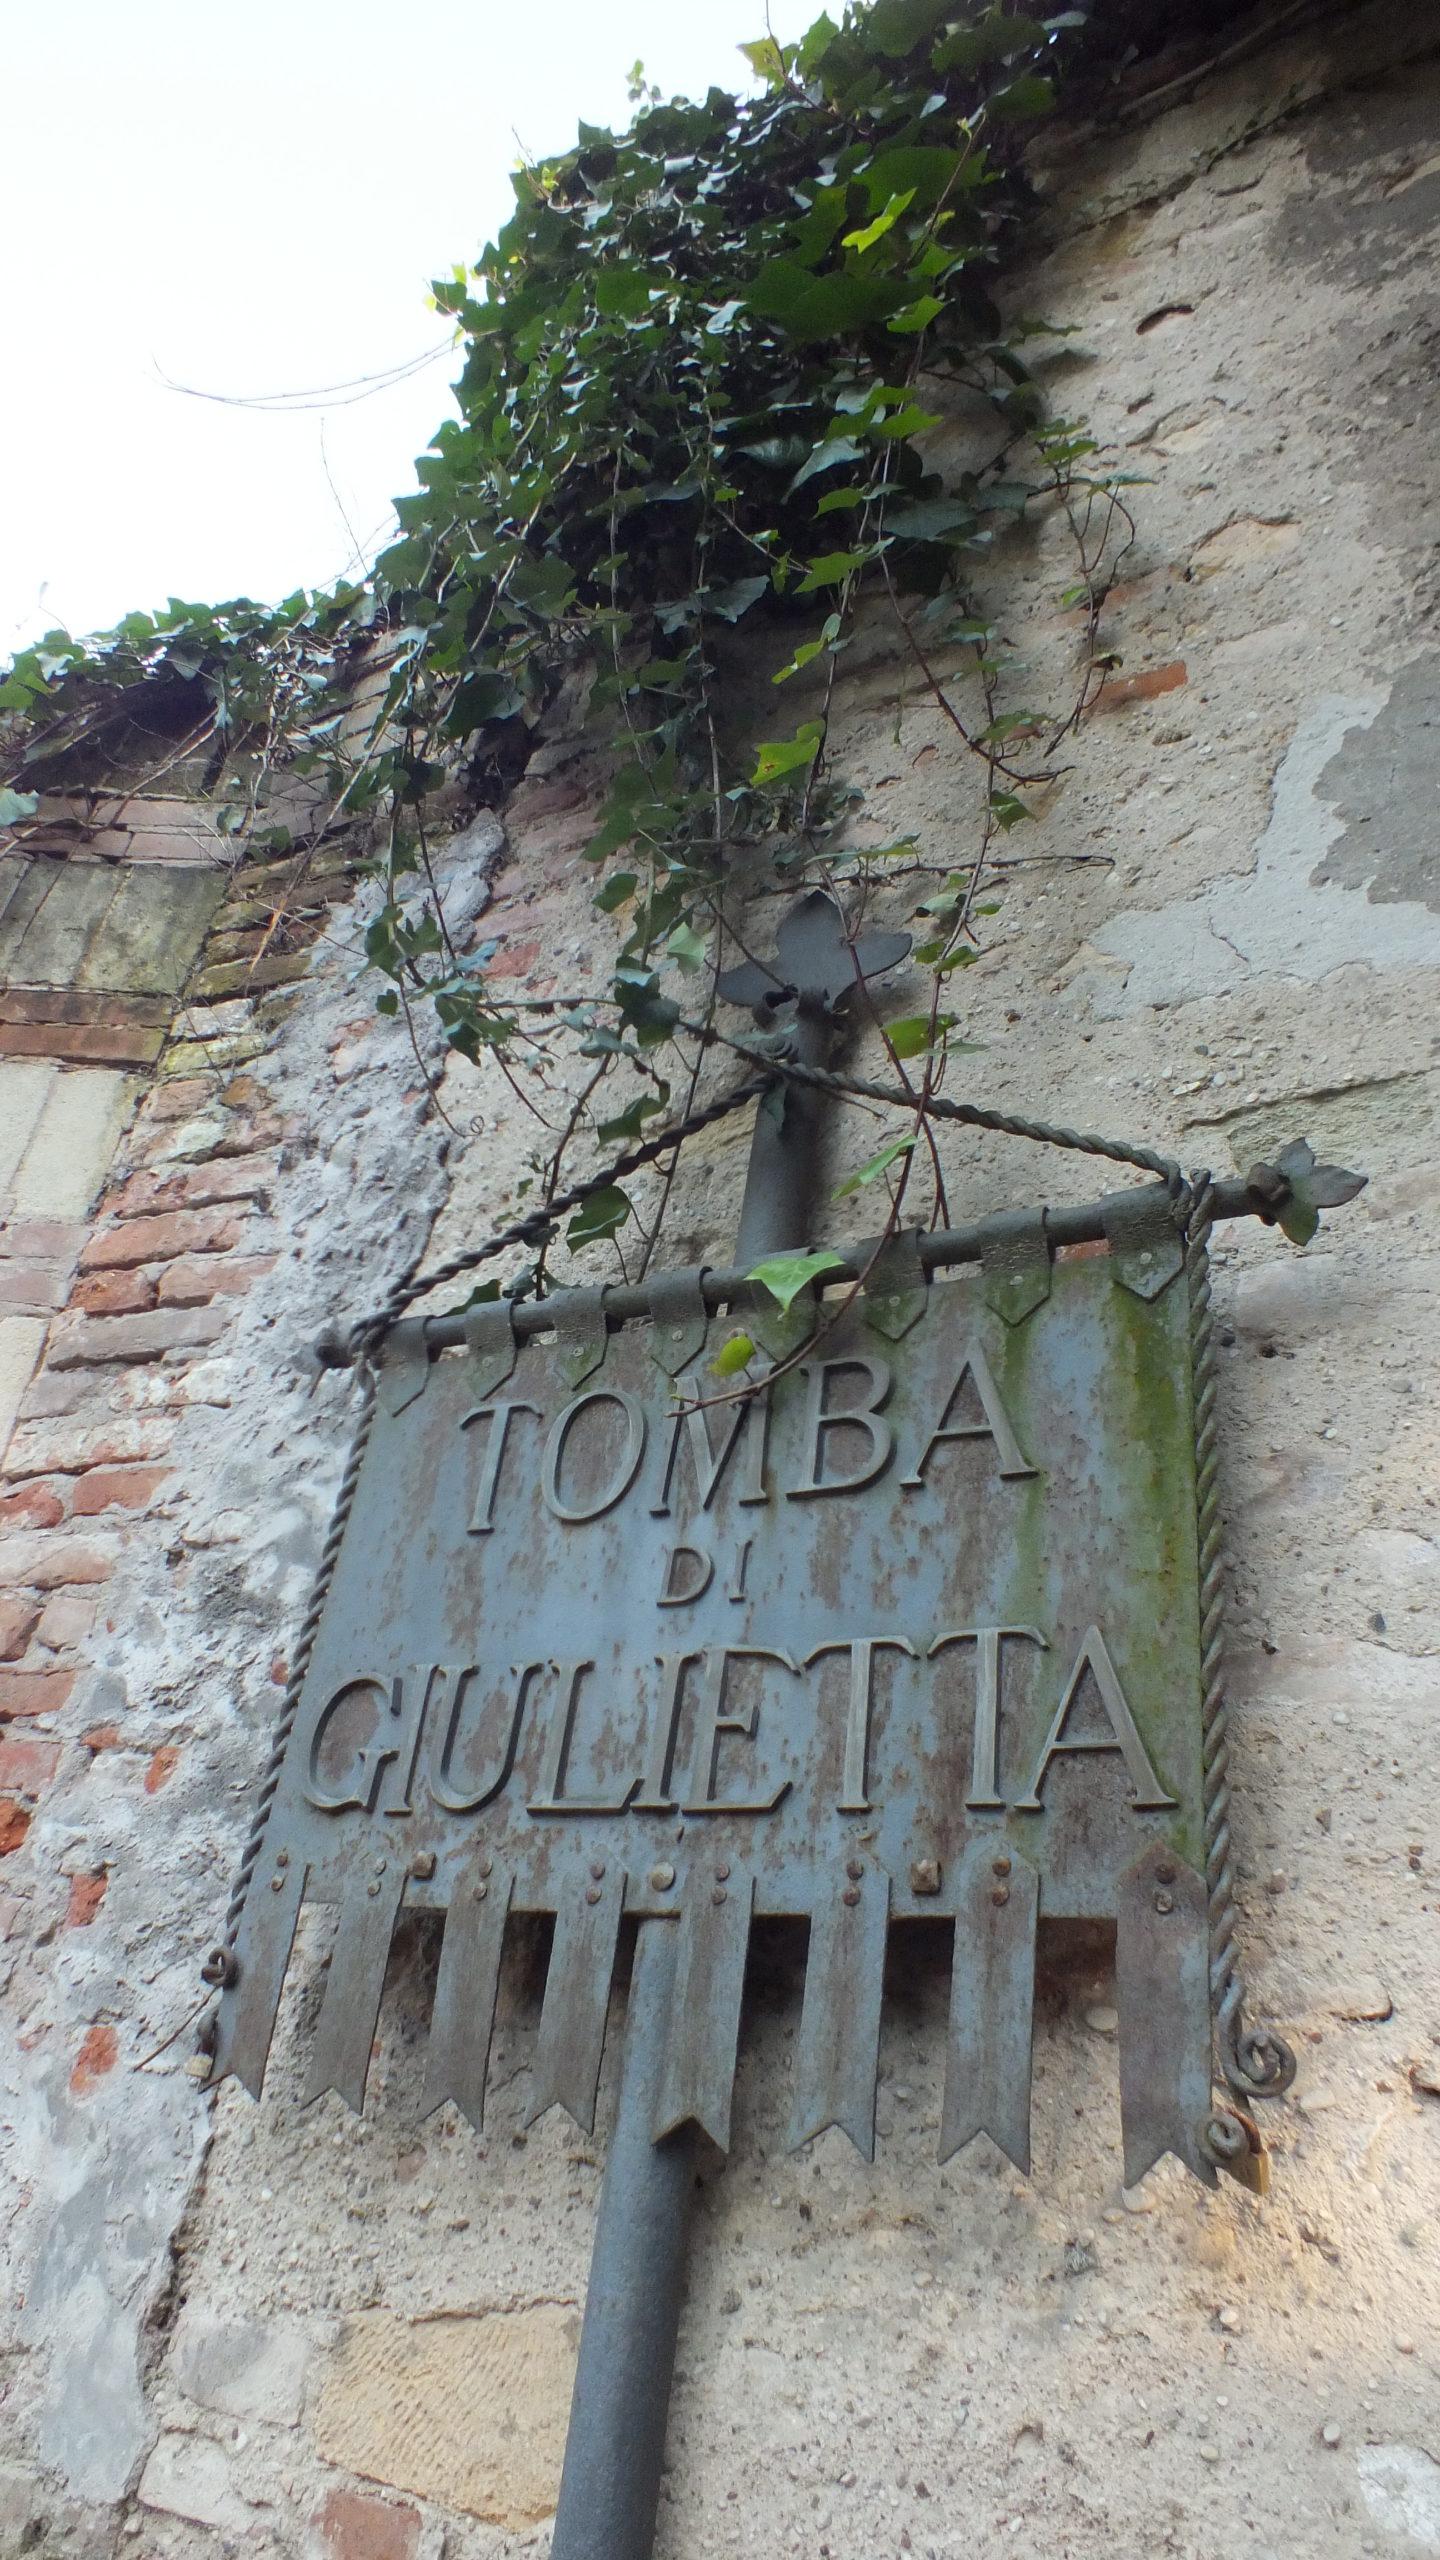 הקבר של רומיאו ויוליה